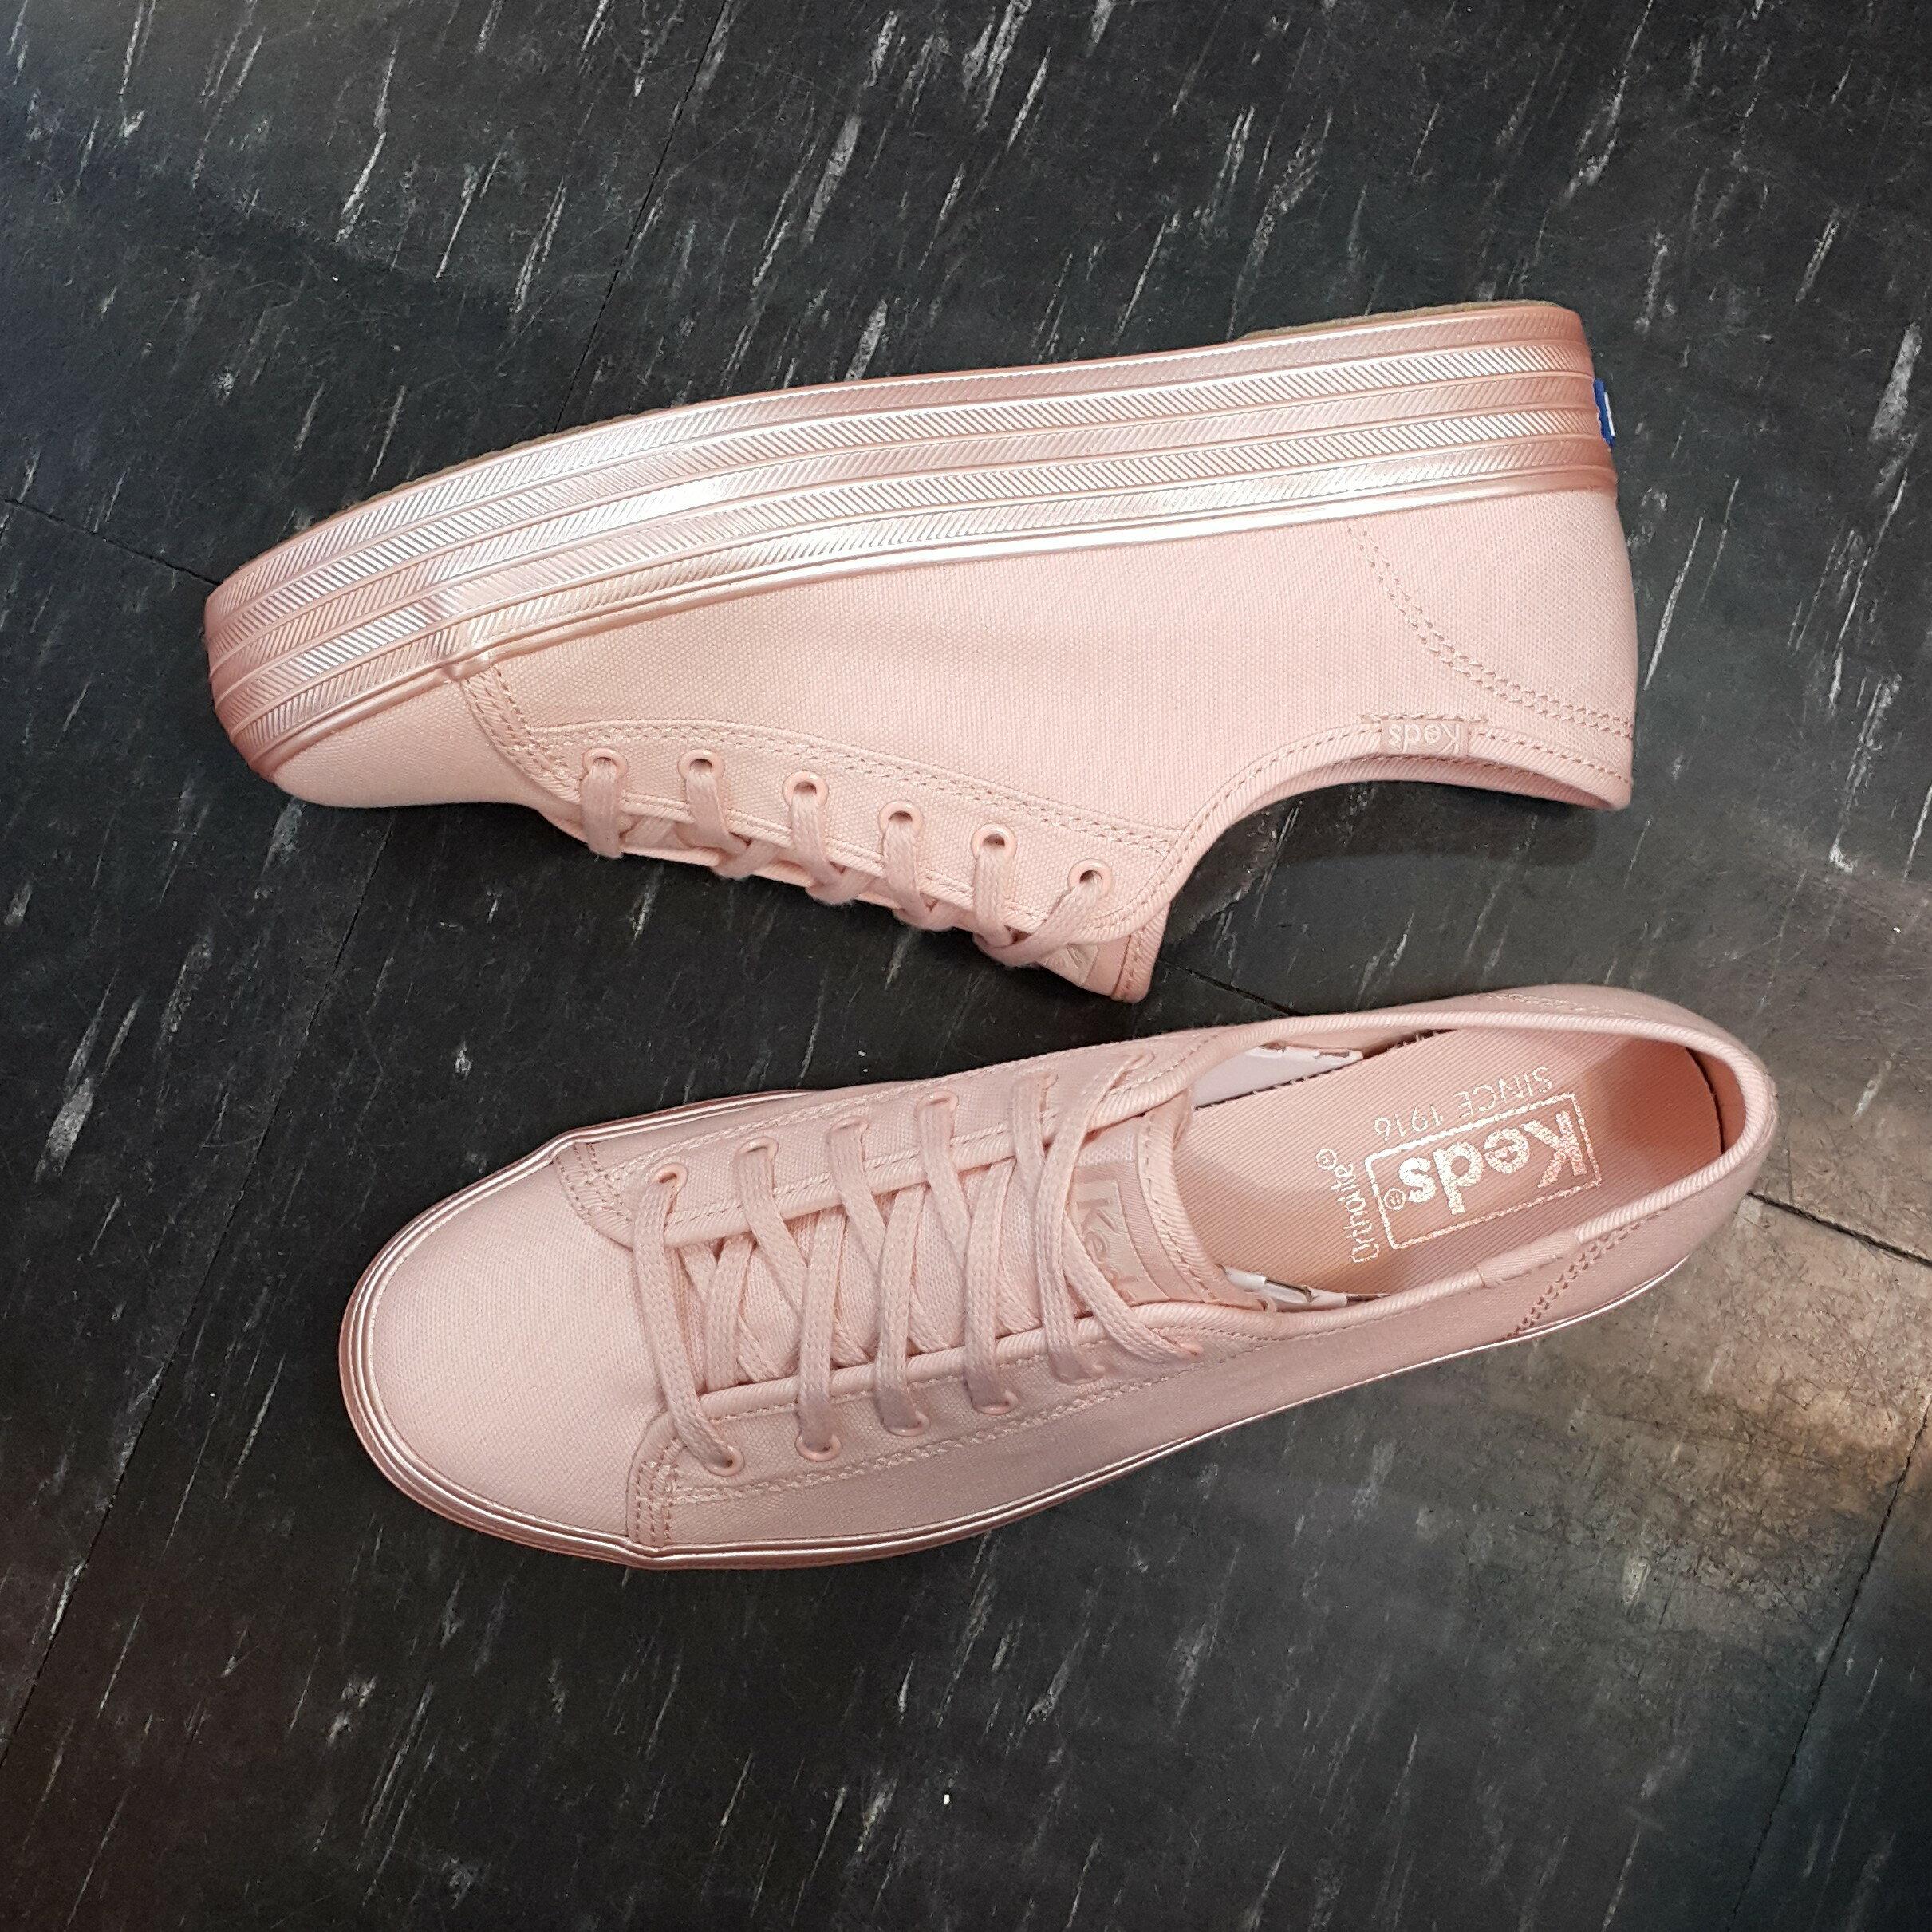 Keds 厚底休閒鞋